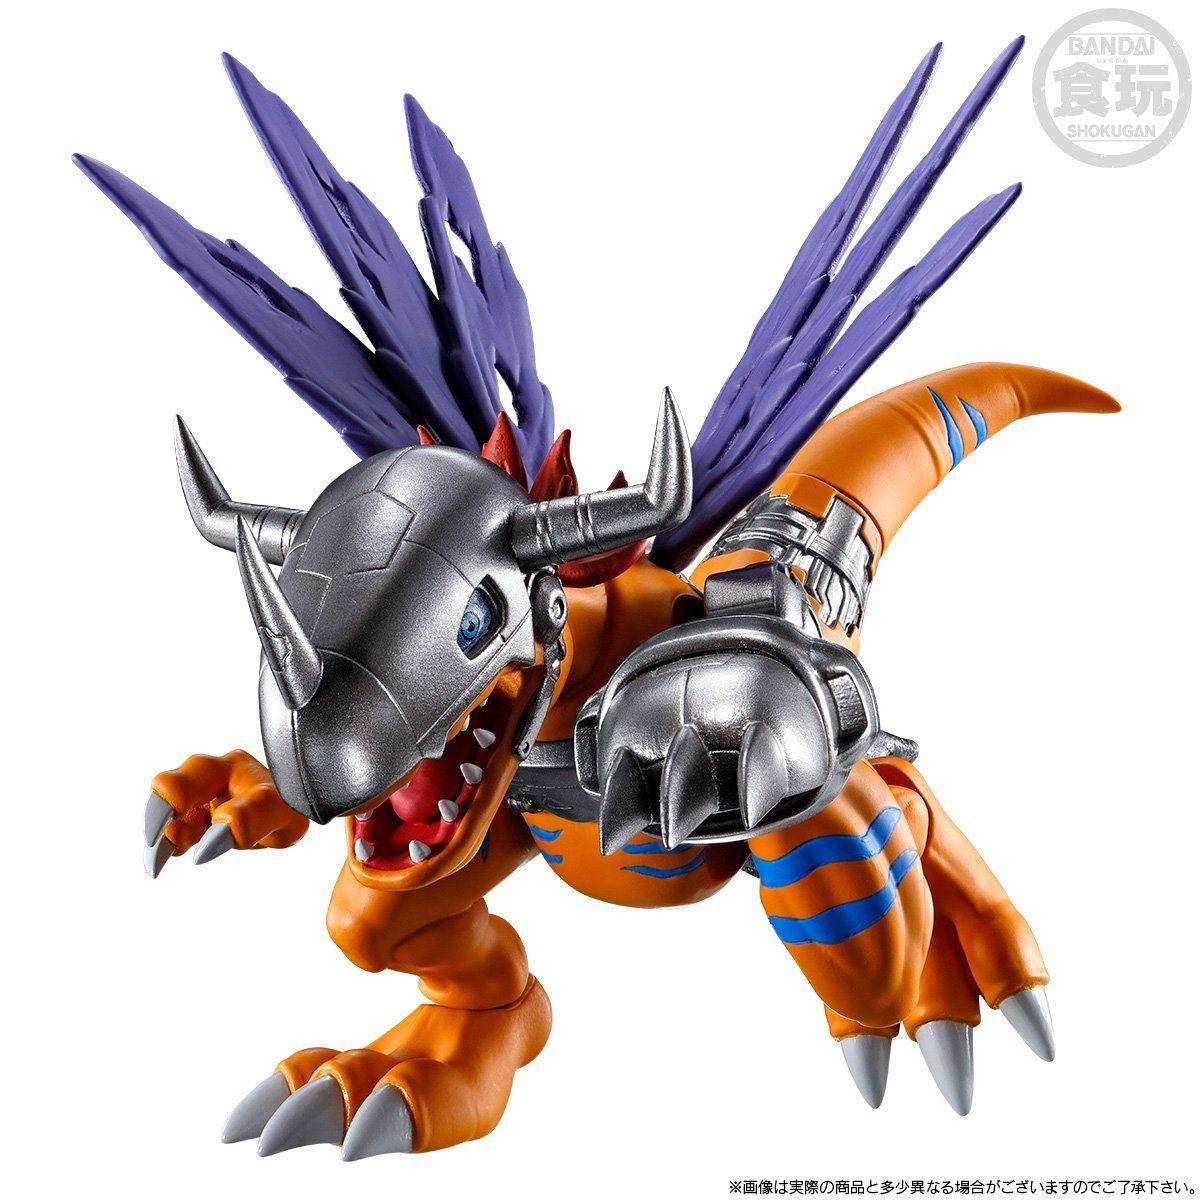 【限定販売】【食玩】SHODO デジモン『メタルグレイモン&ワーガルルモン』コンプリートセット-002